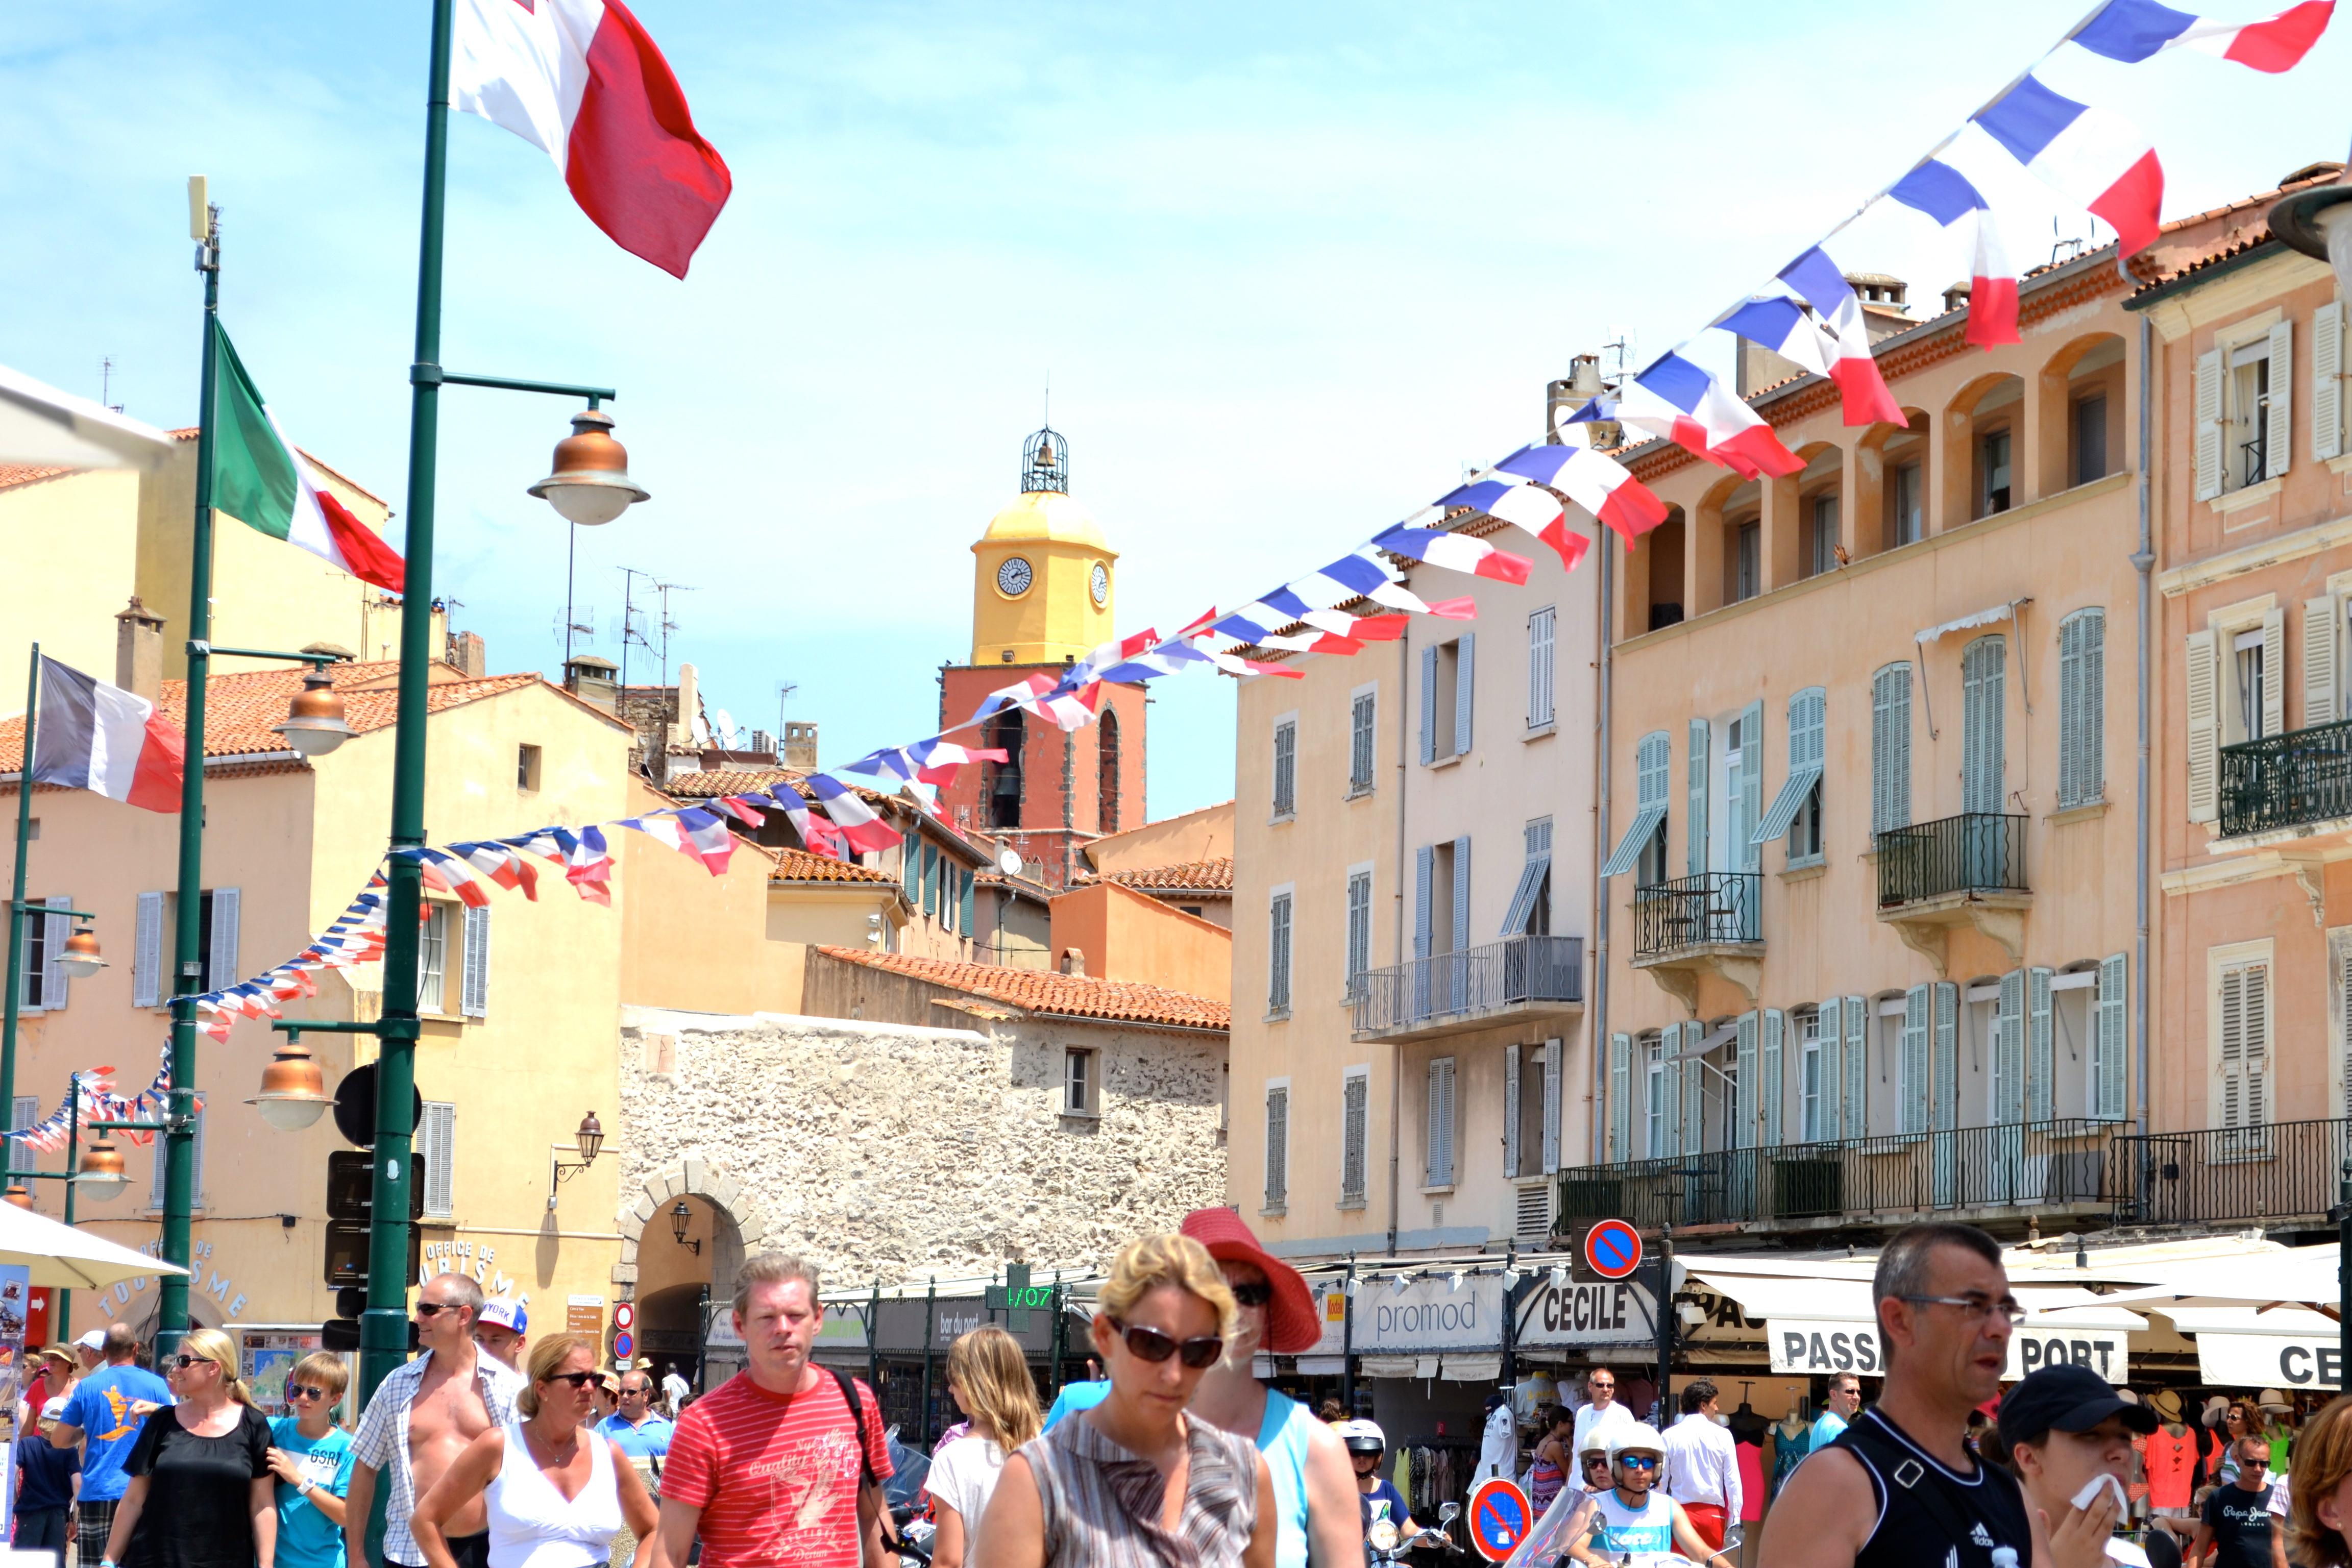 24 hours in Saint Tropez